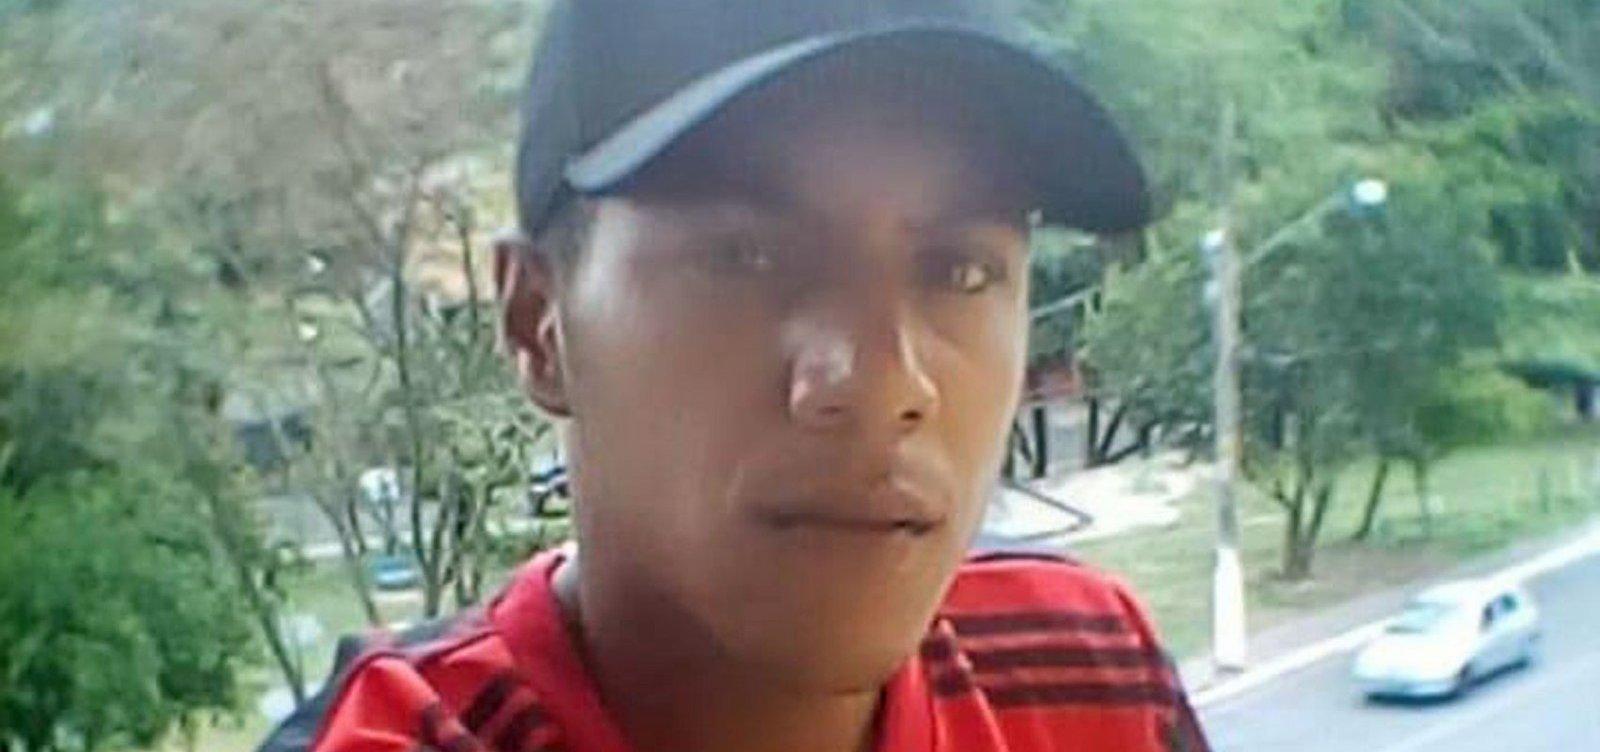 [Corpo de baiano que morreu em Paraisópolis chega à BA; MP investiga caso]